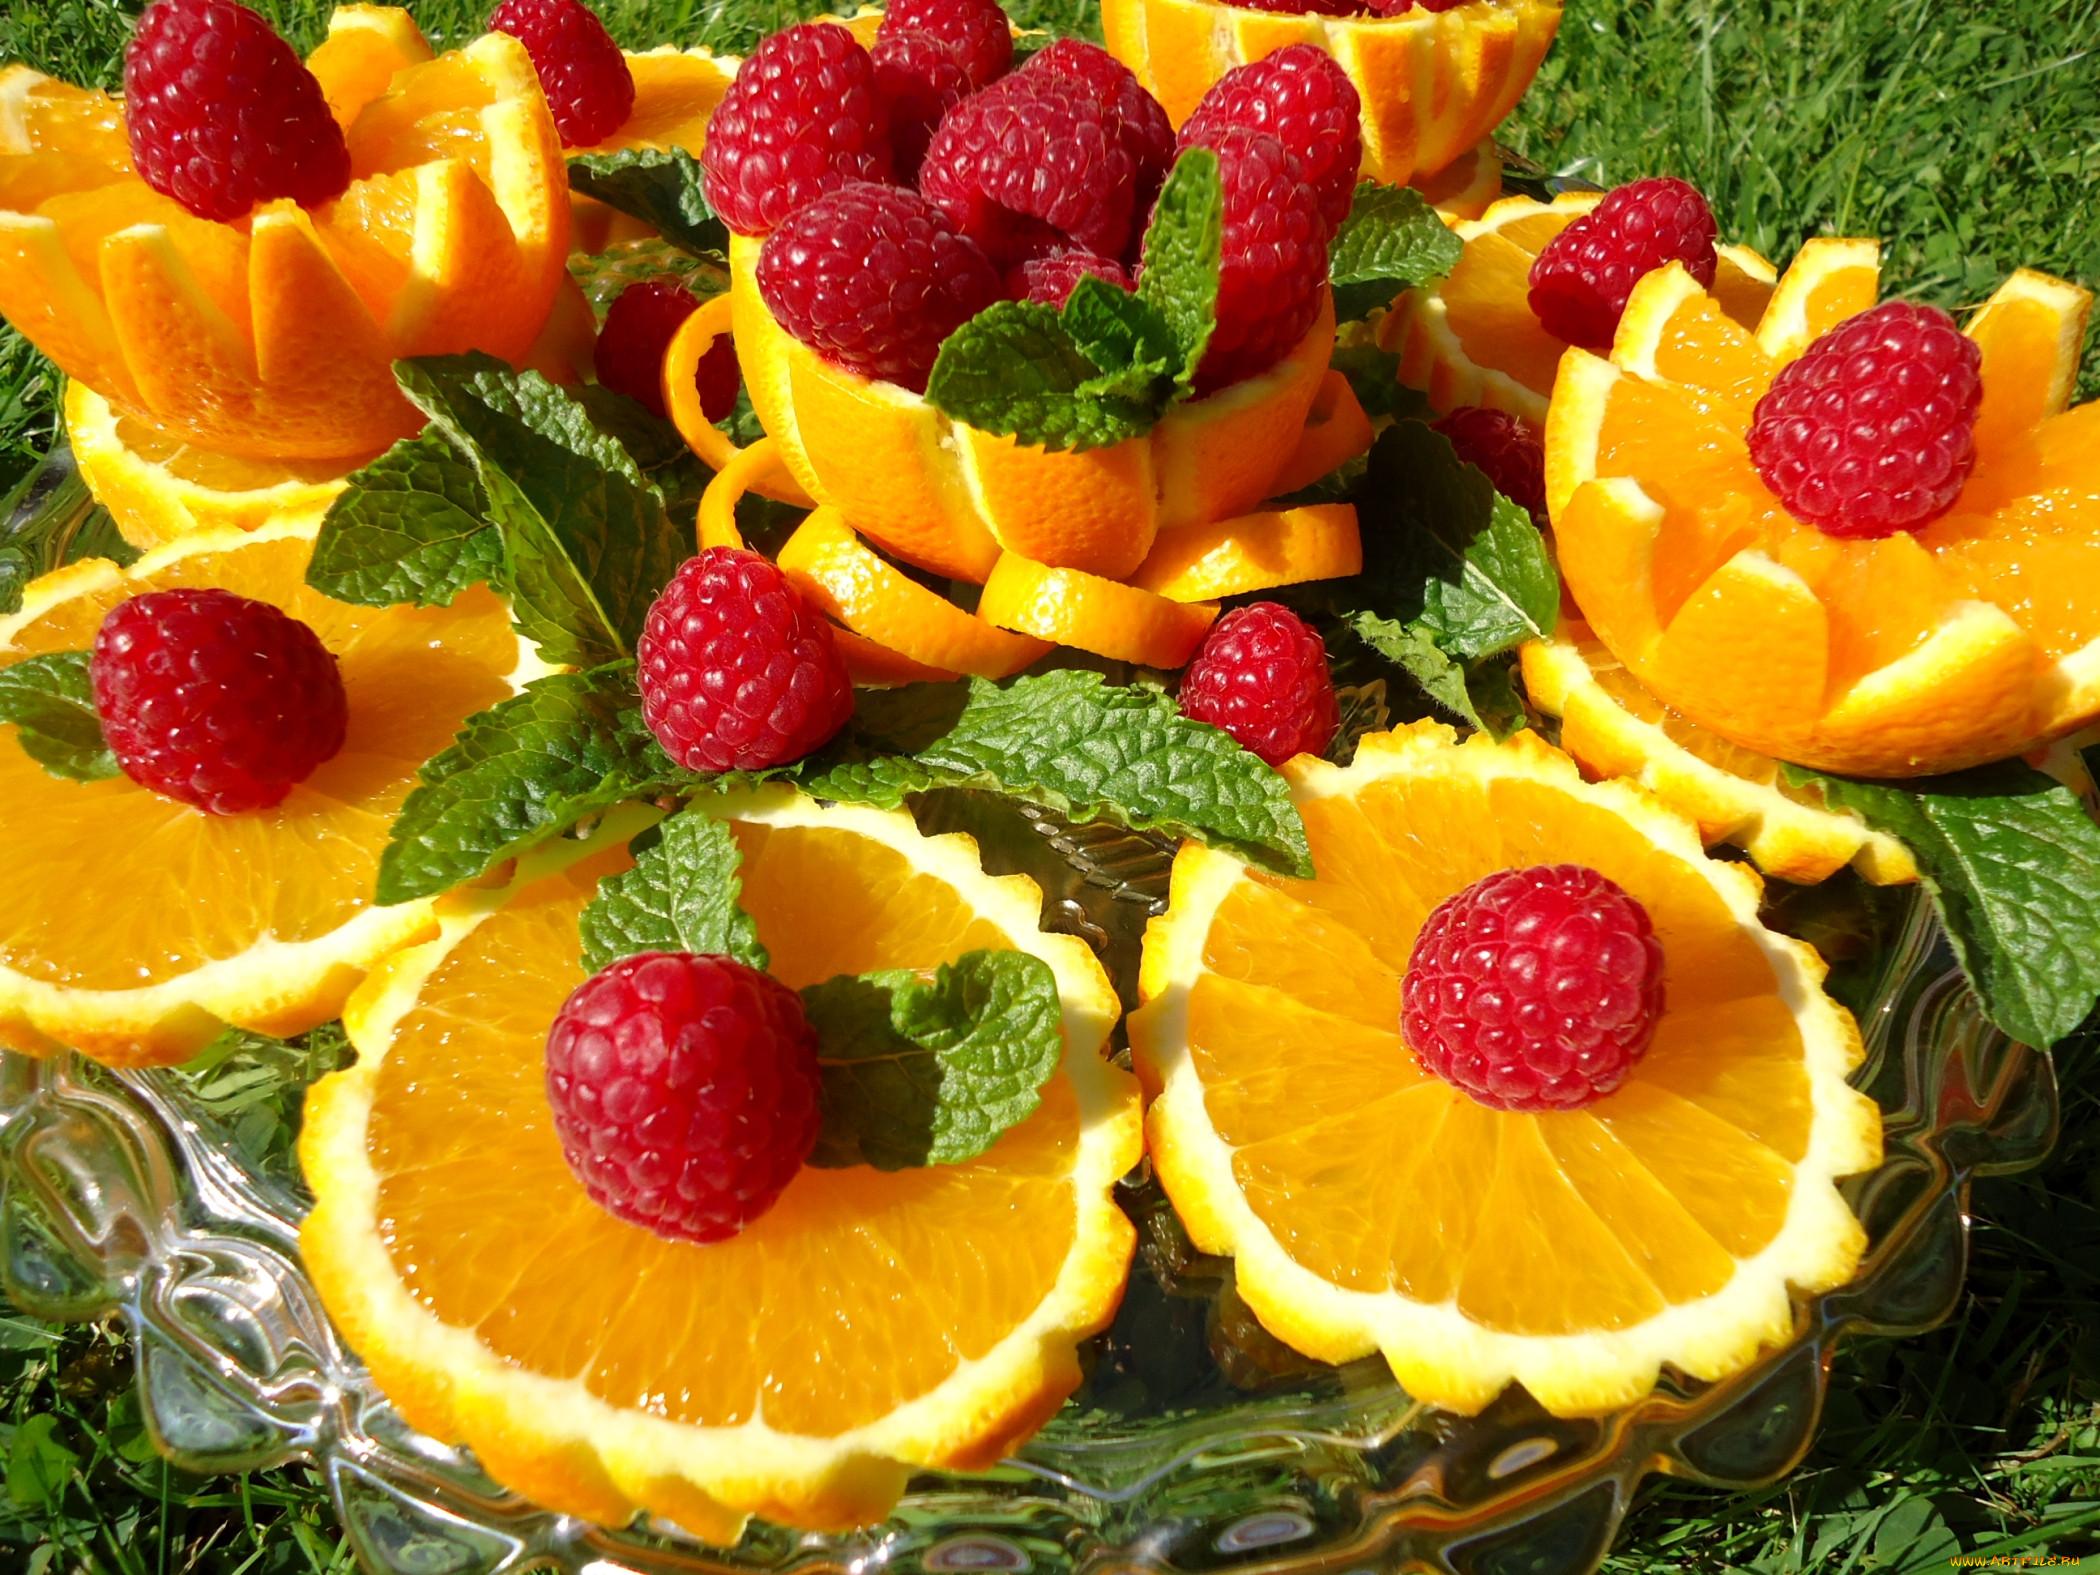 Картинки с добрым утром красивые движущиеся фрукты ягоды